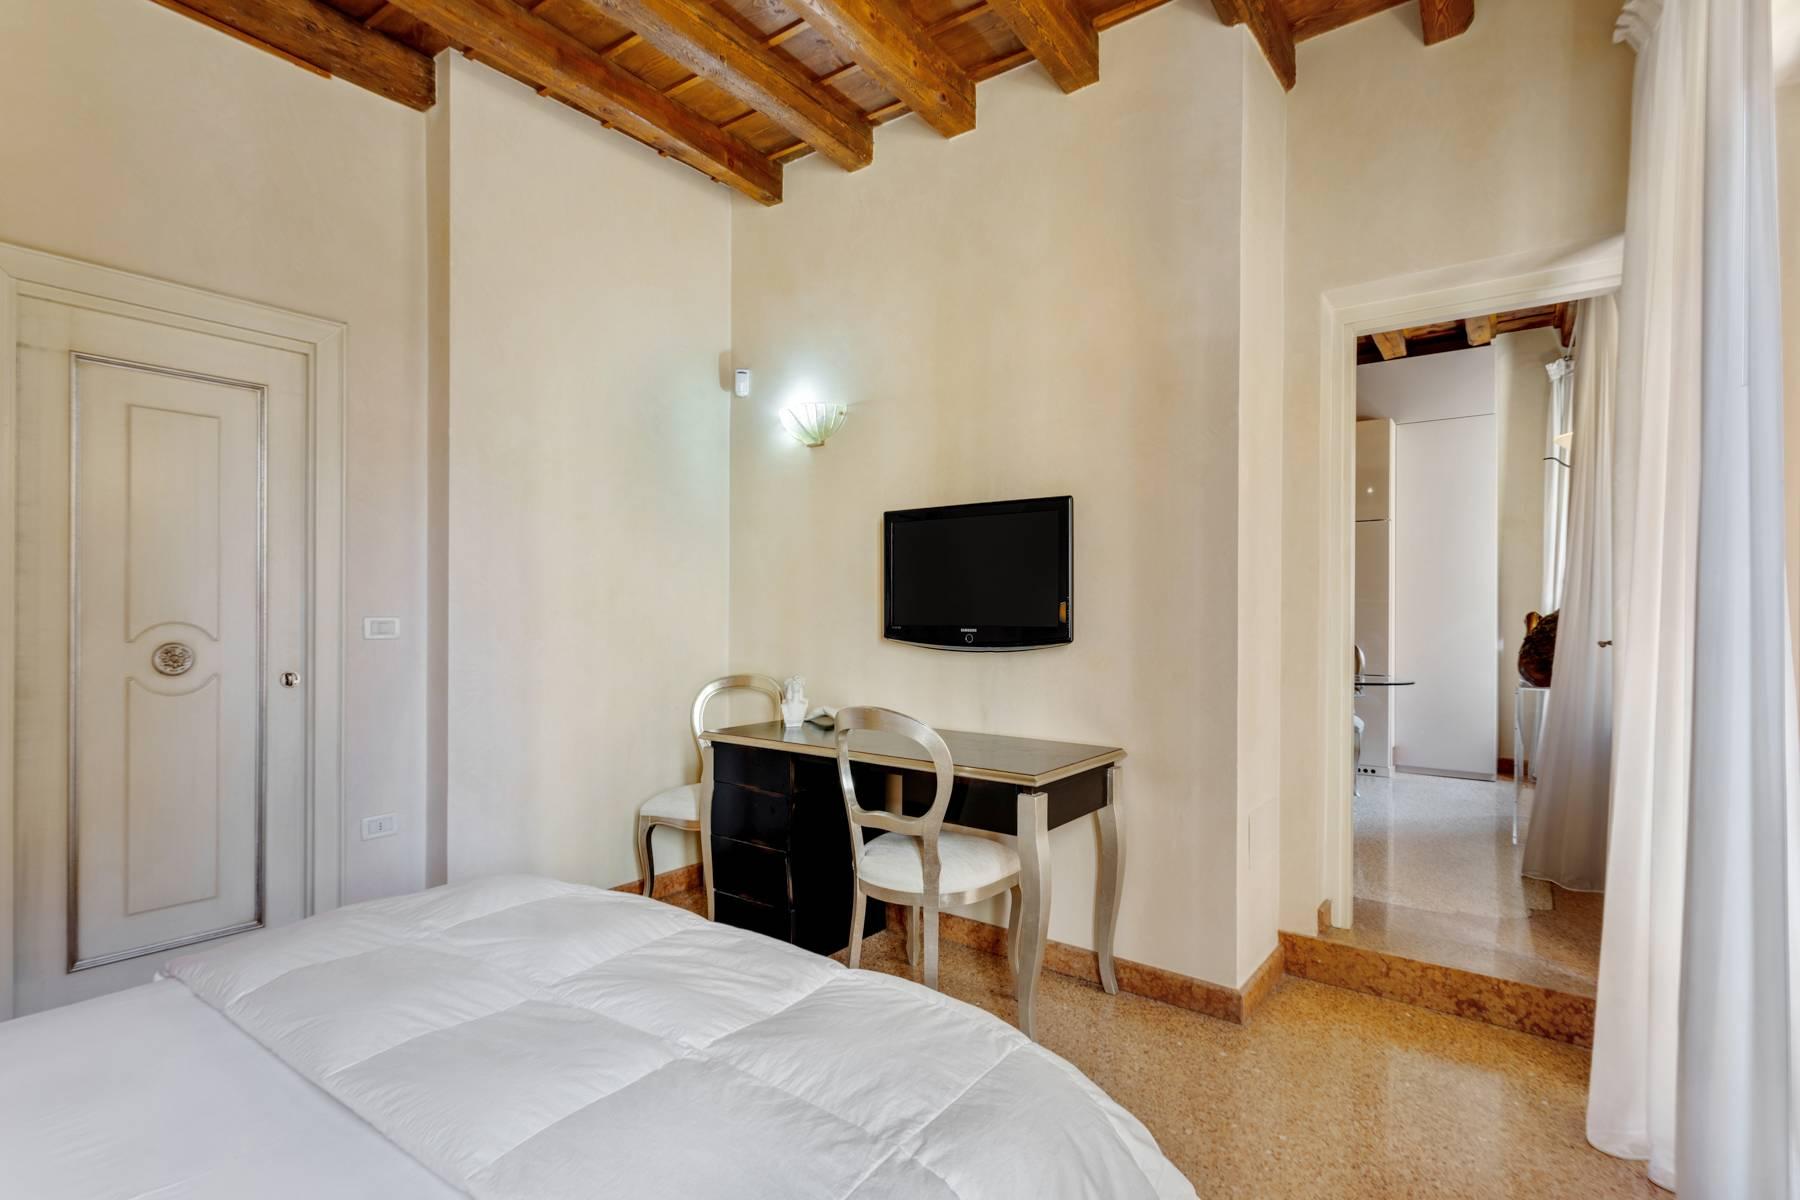 Appartamento in Vendita a Verona: 3 locali, 55 mq - Foto 14